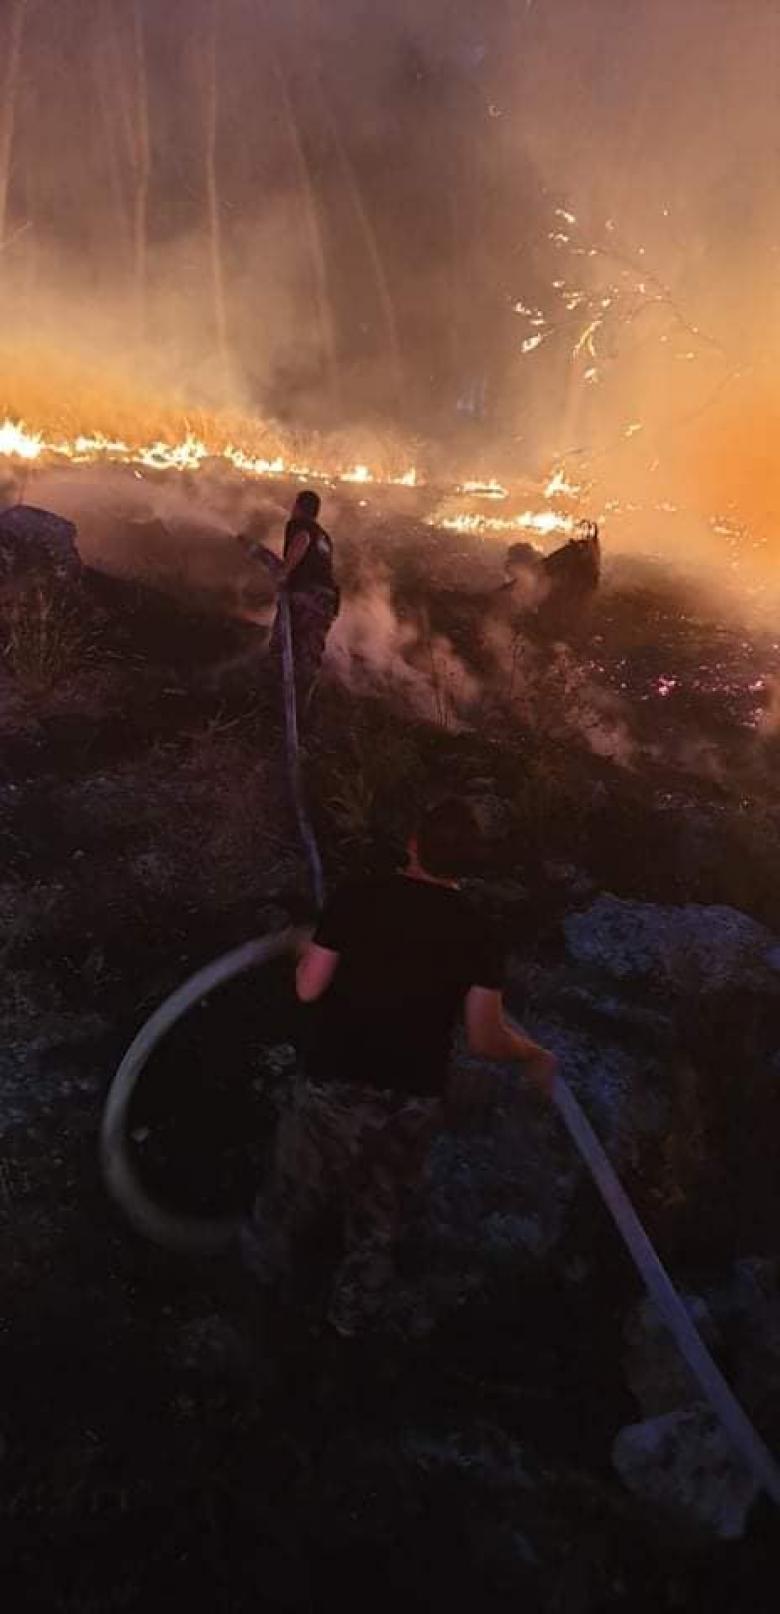 حريق أعشاب وأشجار في مناطق متفرقة بمحافظة جنين